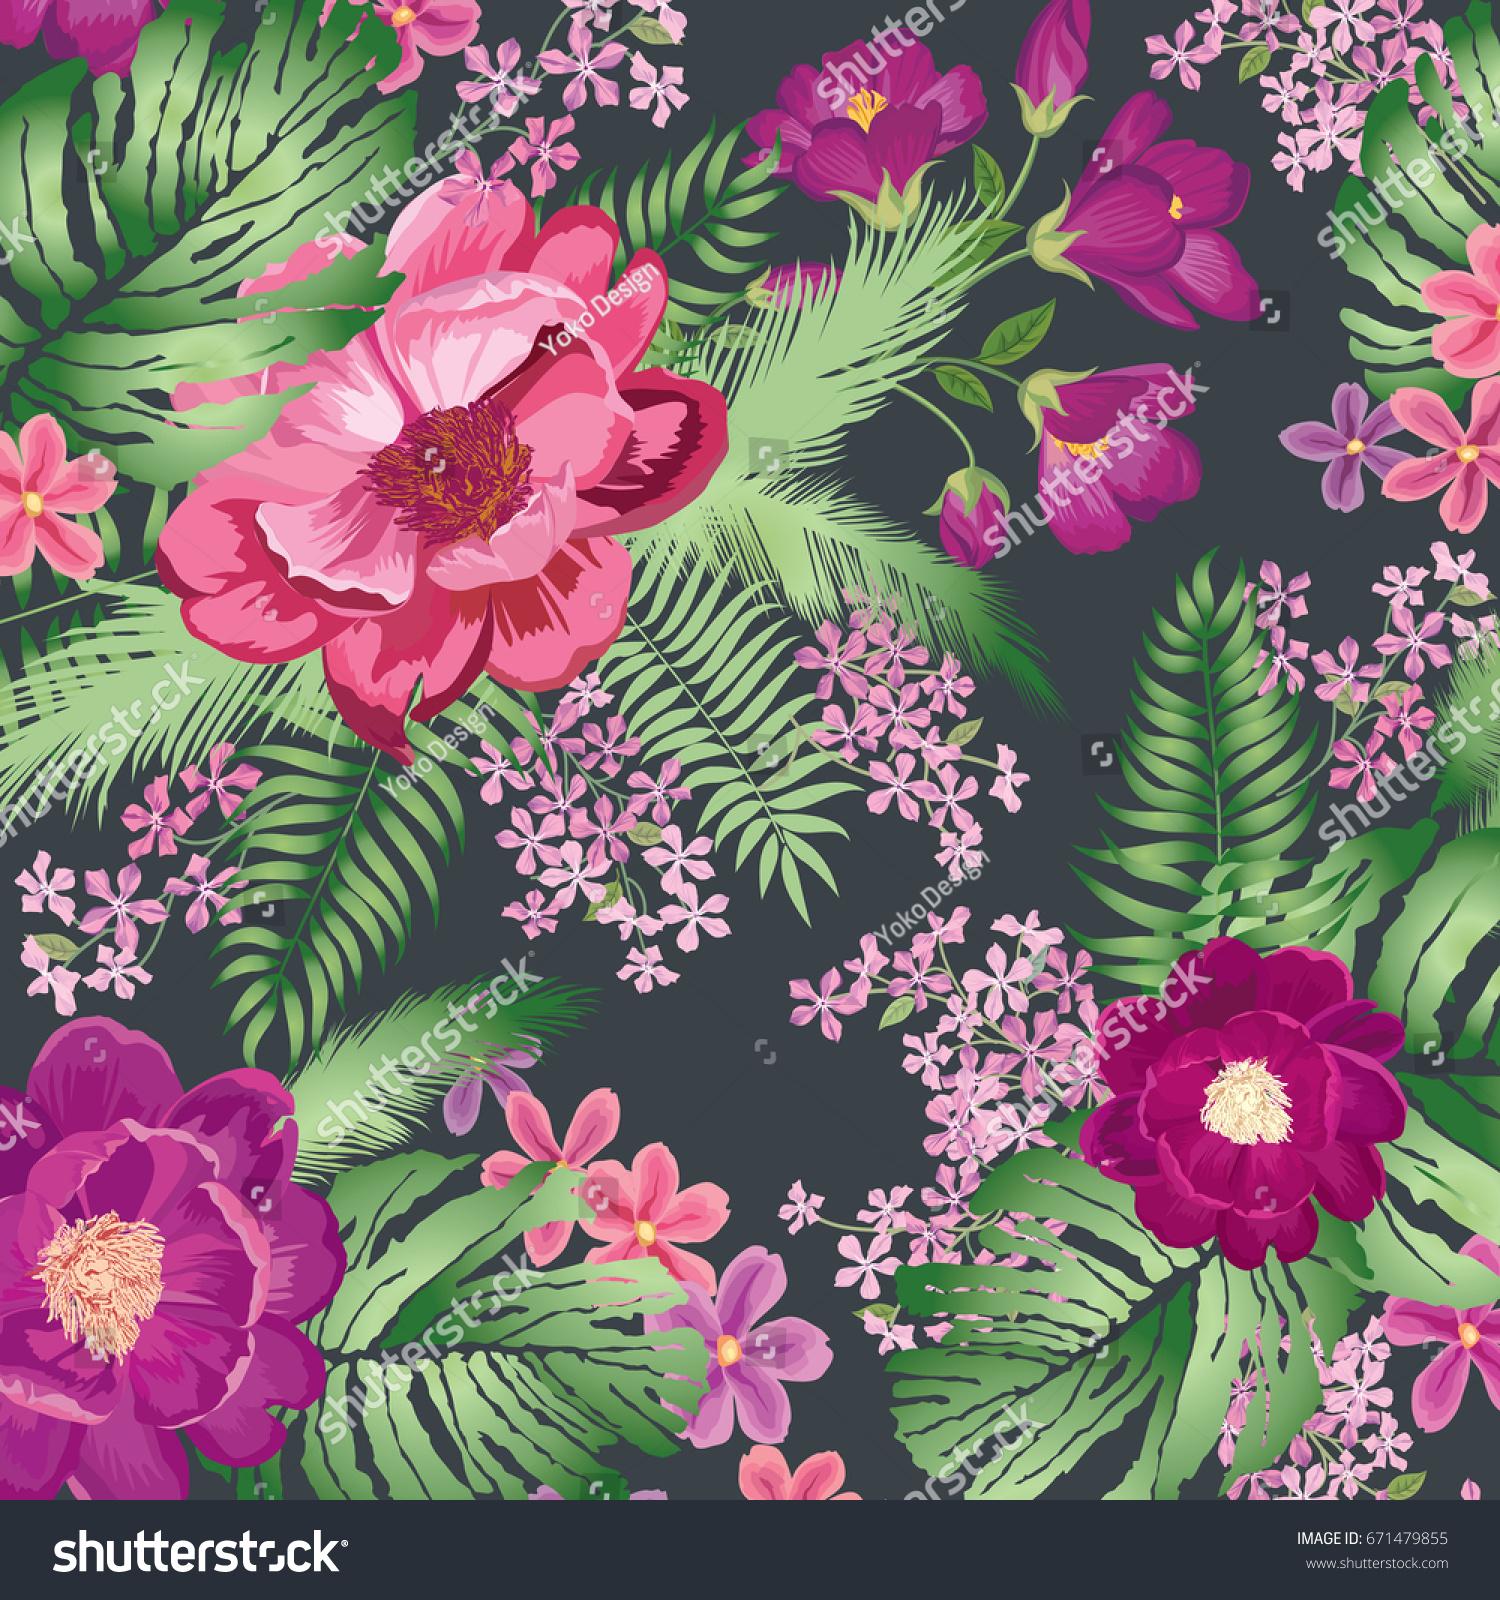 Floral pattern abstract flower bouquet background stock vector floral pattern abstract flower bouquet background spring garden flourish decor izmirmasajfo